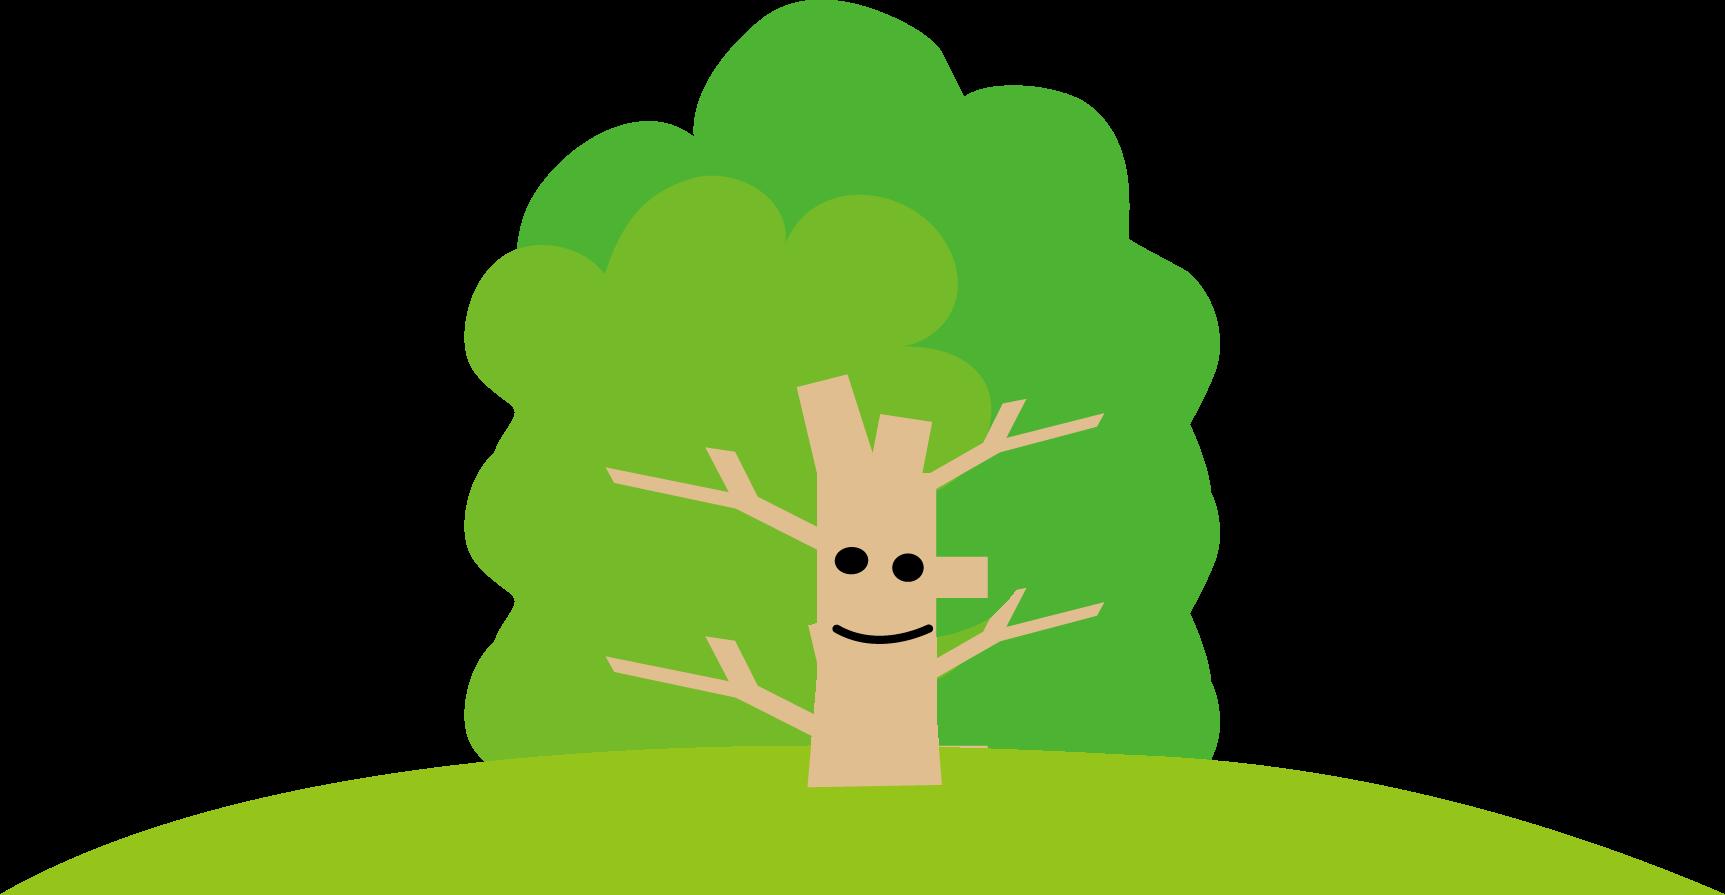 木のイラスト(挿絵)無料イラスト